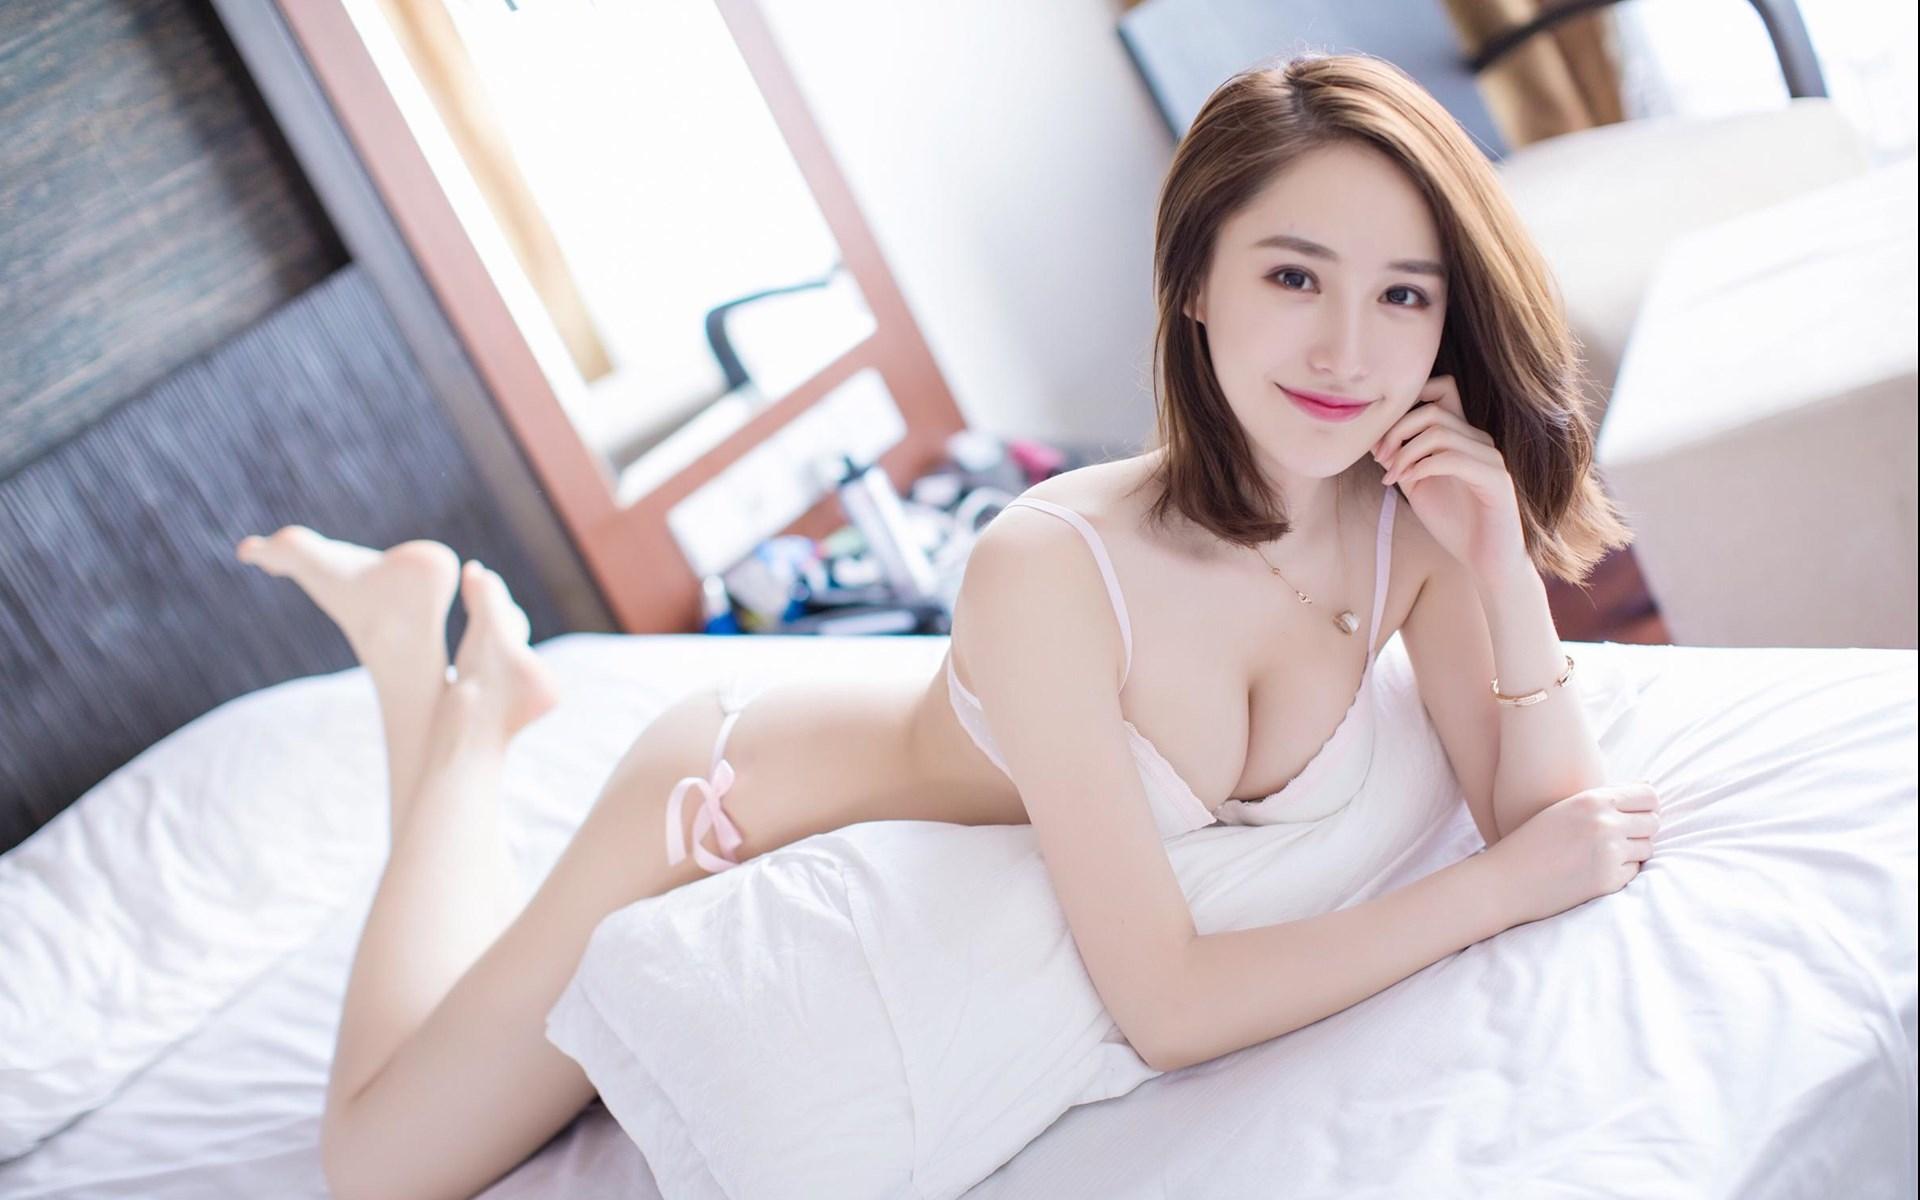 情圣满枫:恋爱中, 女生最不能容忍的三种行为, 是逼她离开你